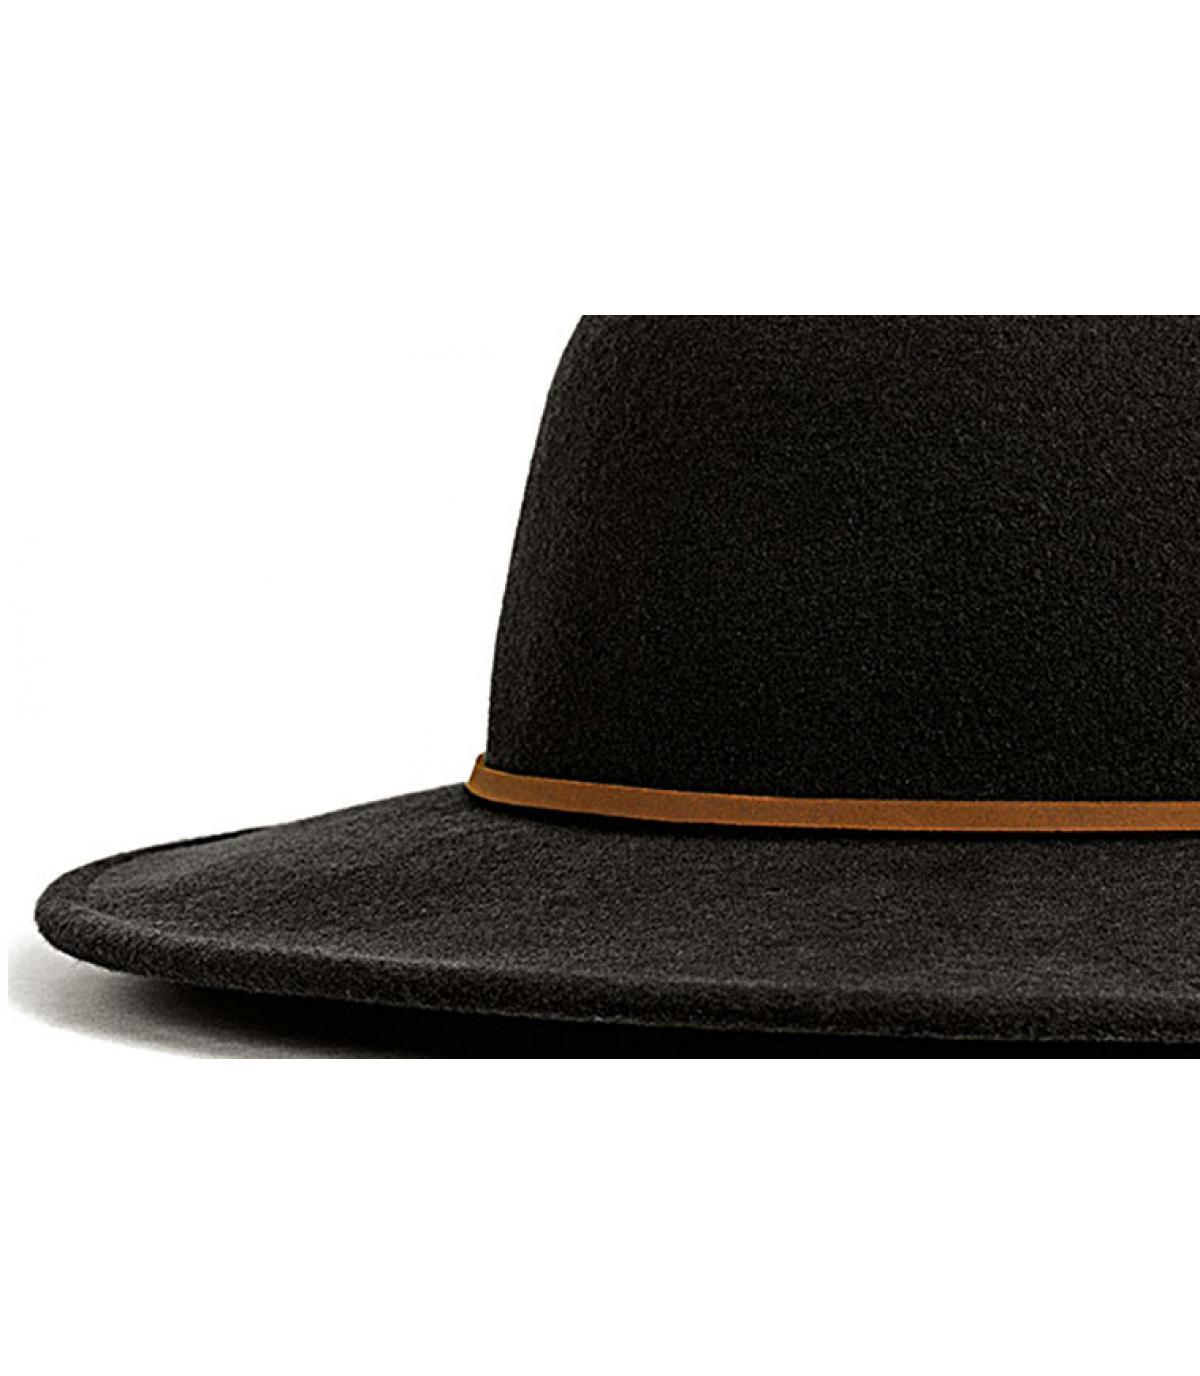 Zwarte hoed mannen